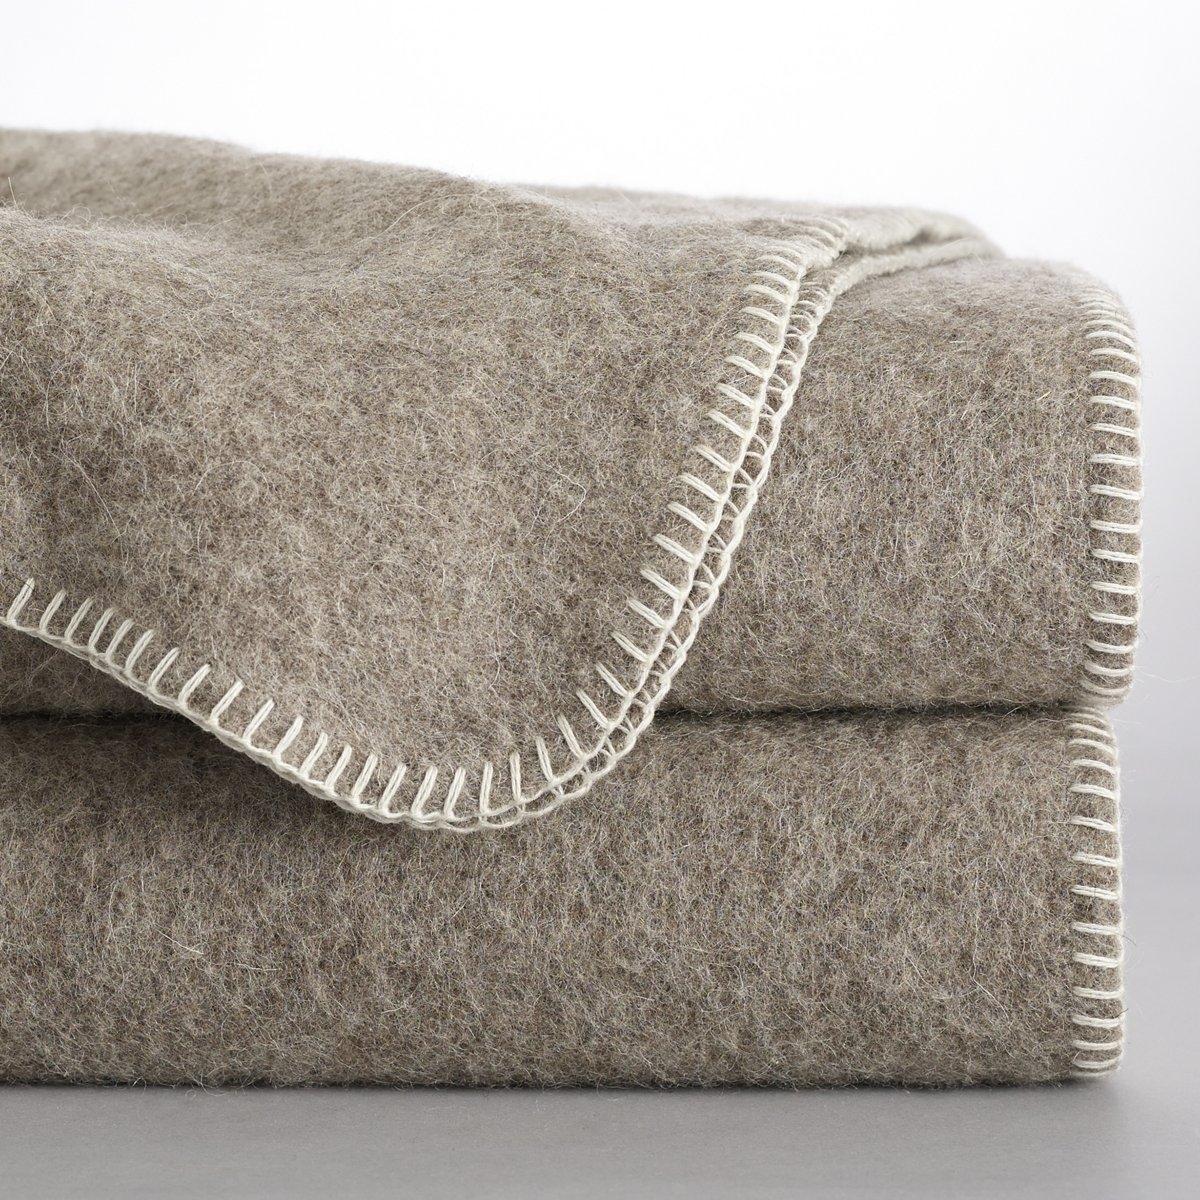 Покрывало 100% шерсти с использованием натуральных красителей, RomuХарактеристики однотонного шерстяного одеяла Romu                                        Экологически чистое производство : без искусственной окраски. Окраска производилась без химической обработки.           100% шерсти     Производство: Франция           Края обработаны однотонными нитками.<br><br>Цвет: бежевый,экрю